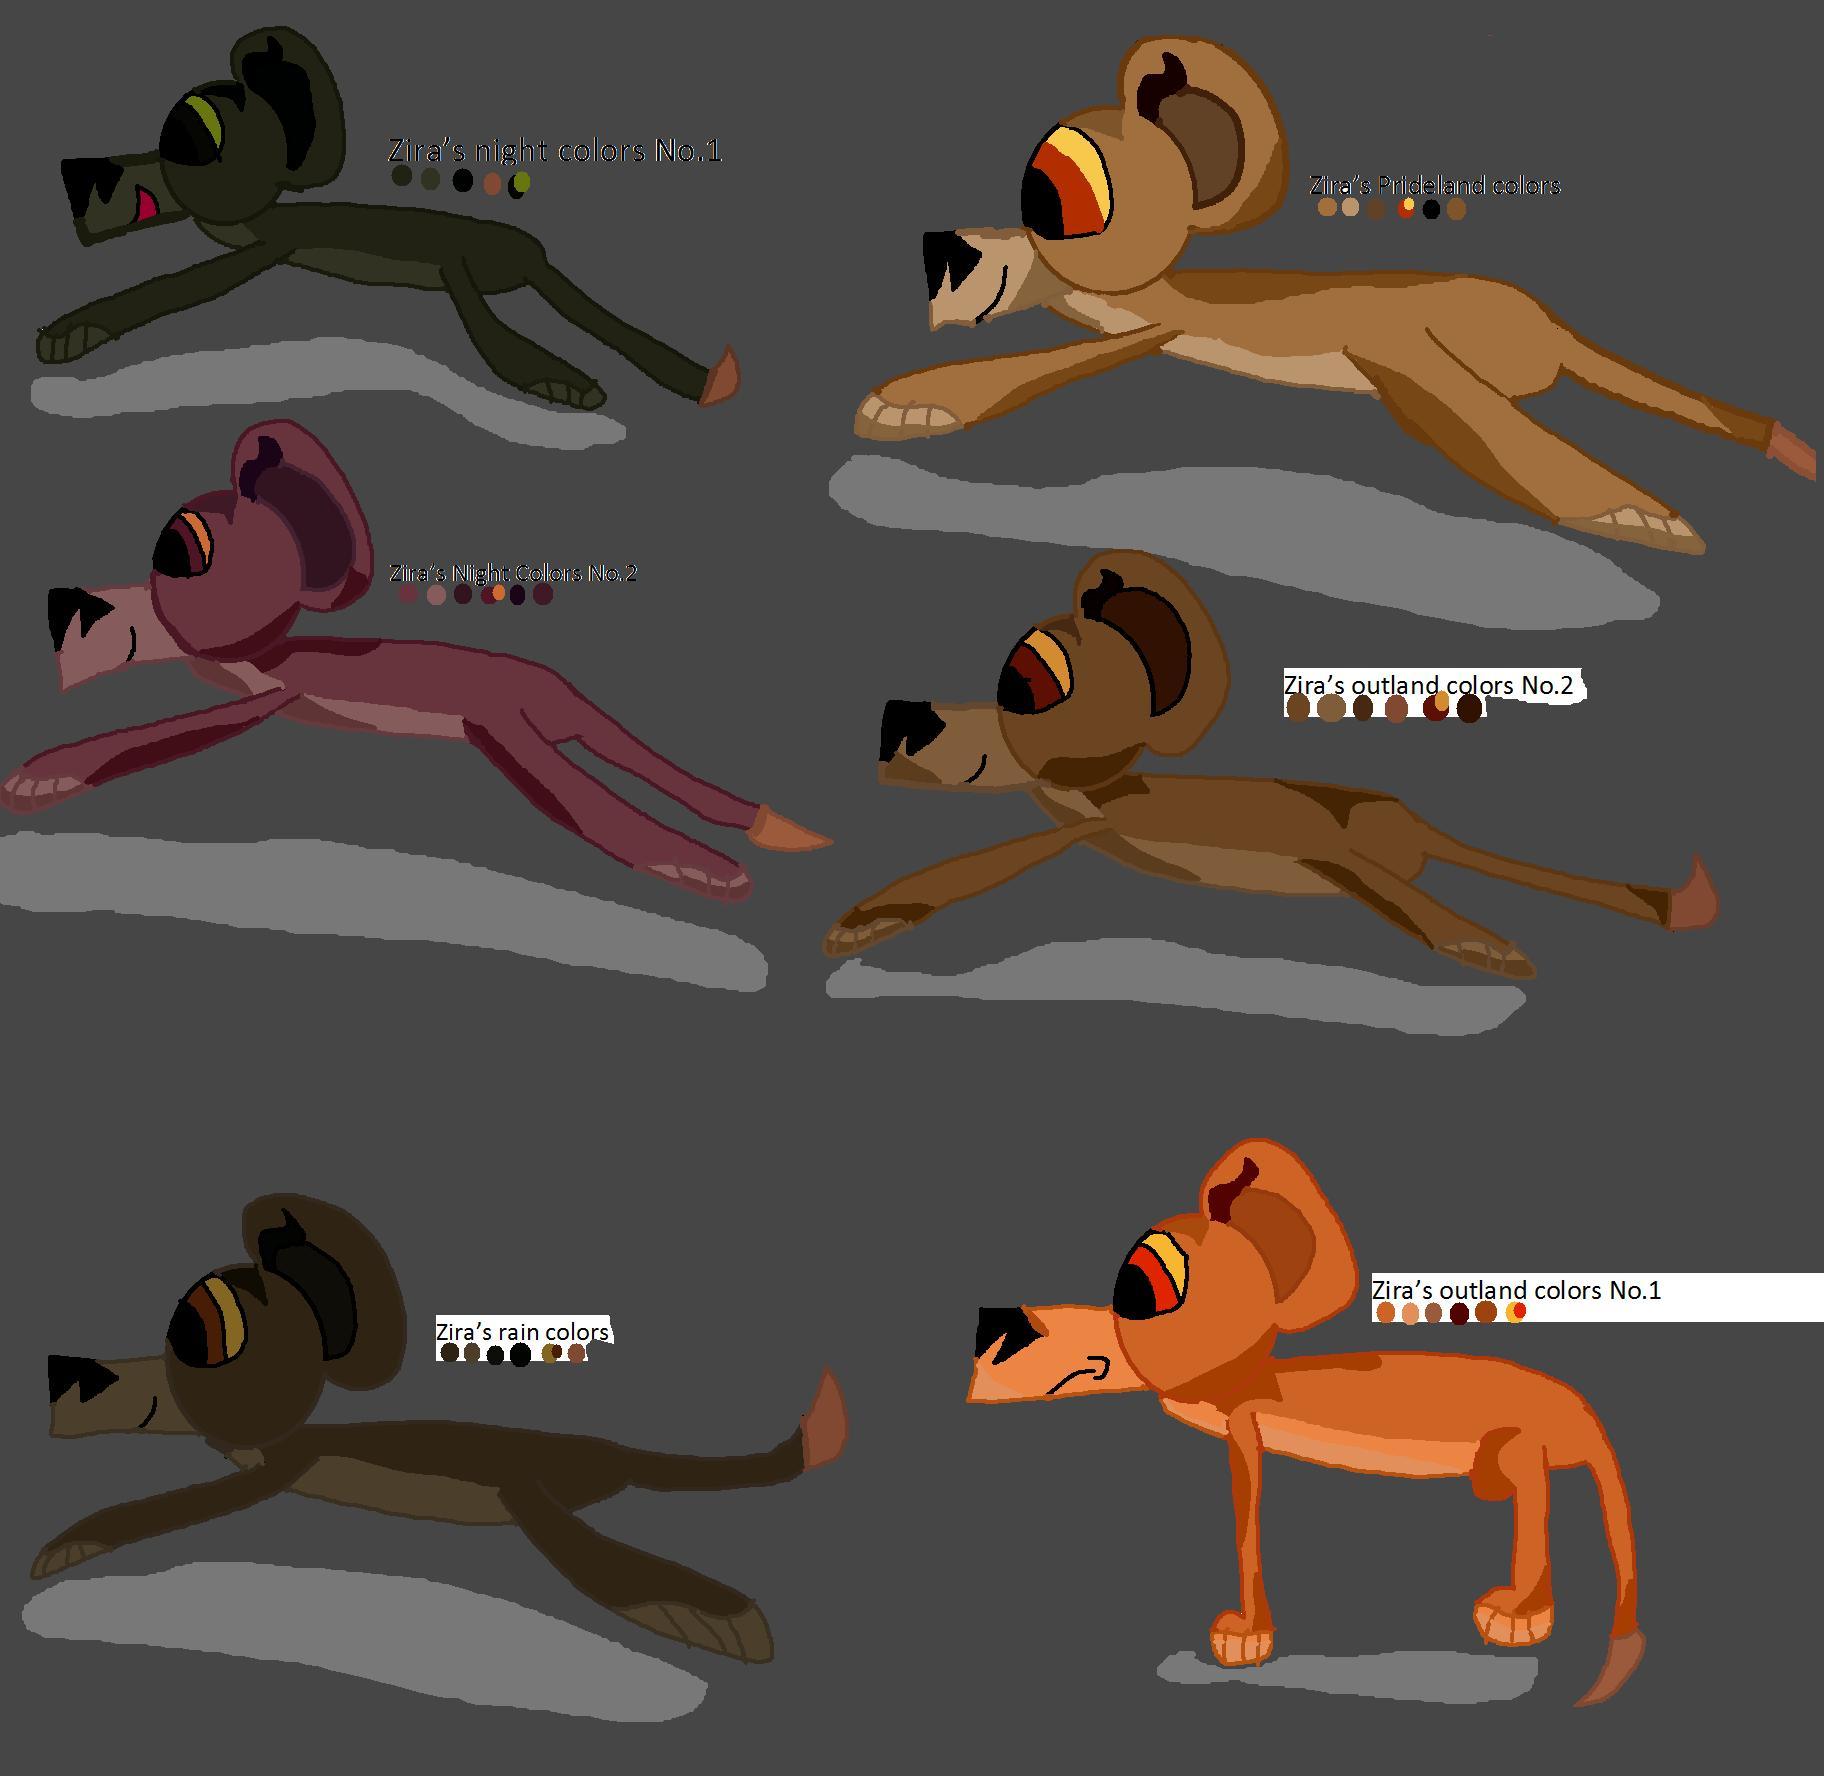 Uncategorized Zira Lion King ziras colors liltigers album fan art albums of my lion king colors